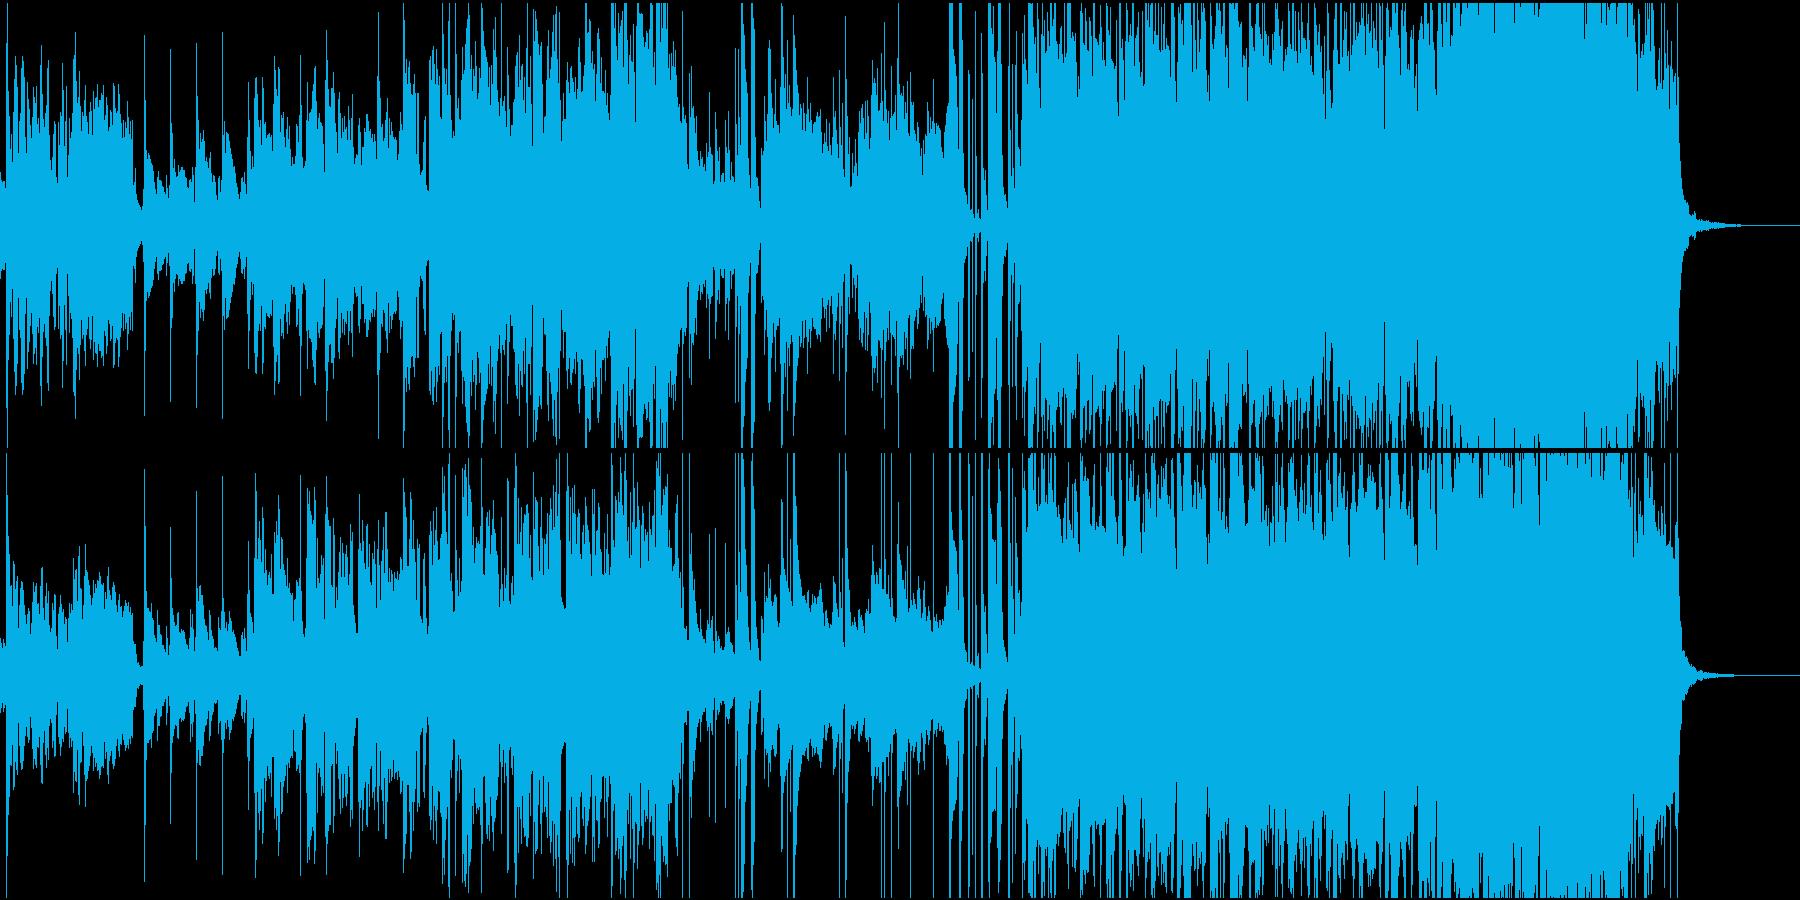 笛や弦楽器のエスニック風インストの再生済みの波形